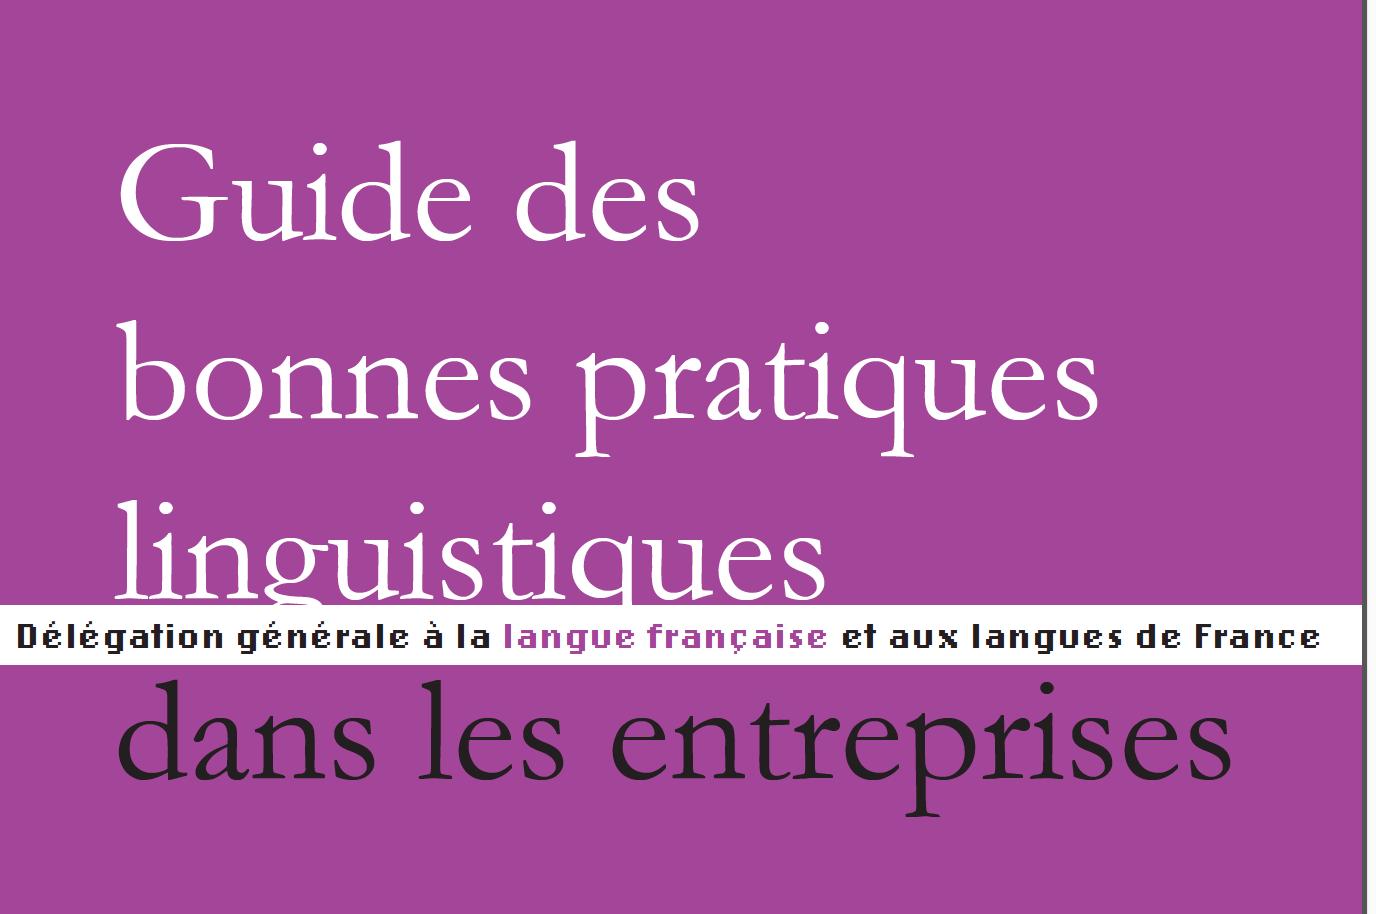 Guide des bonnes pratiques linguistiques dans les entreprises